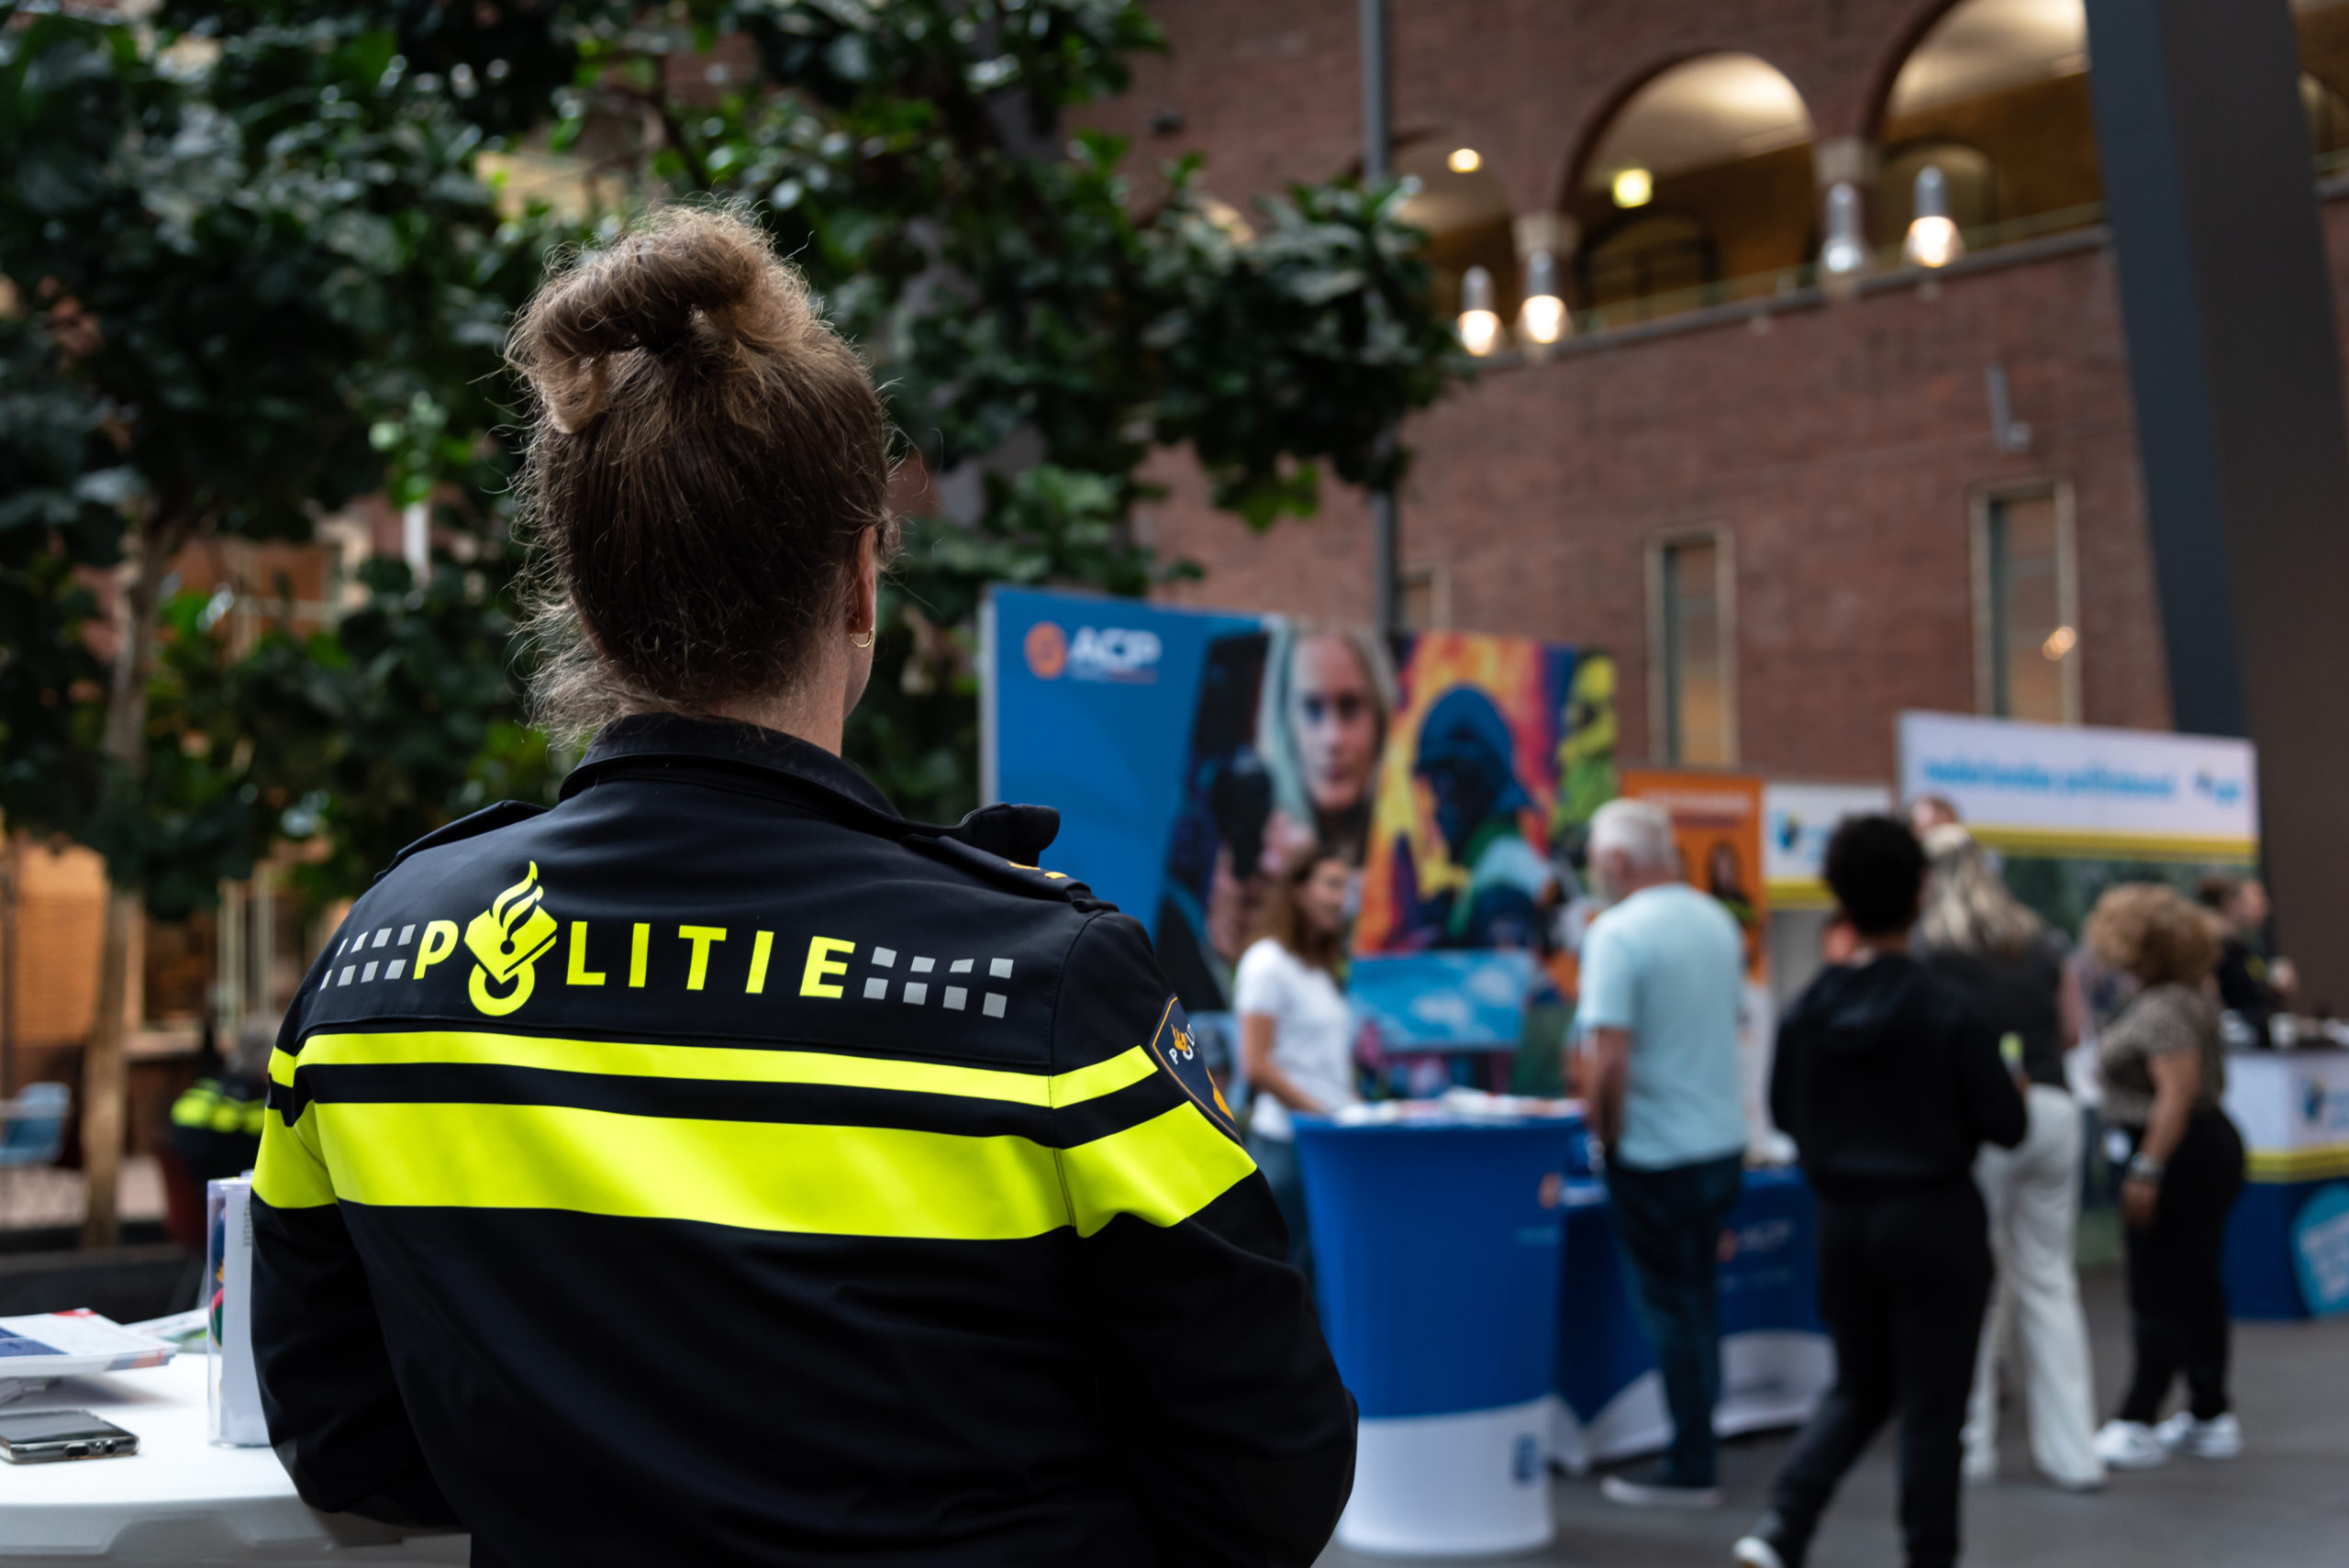 Politiebonden, werkgever en Politieacademie in spoedoverleg over PO21